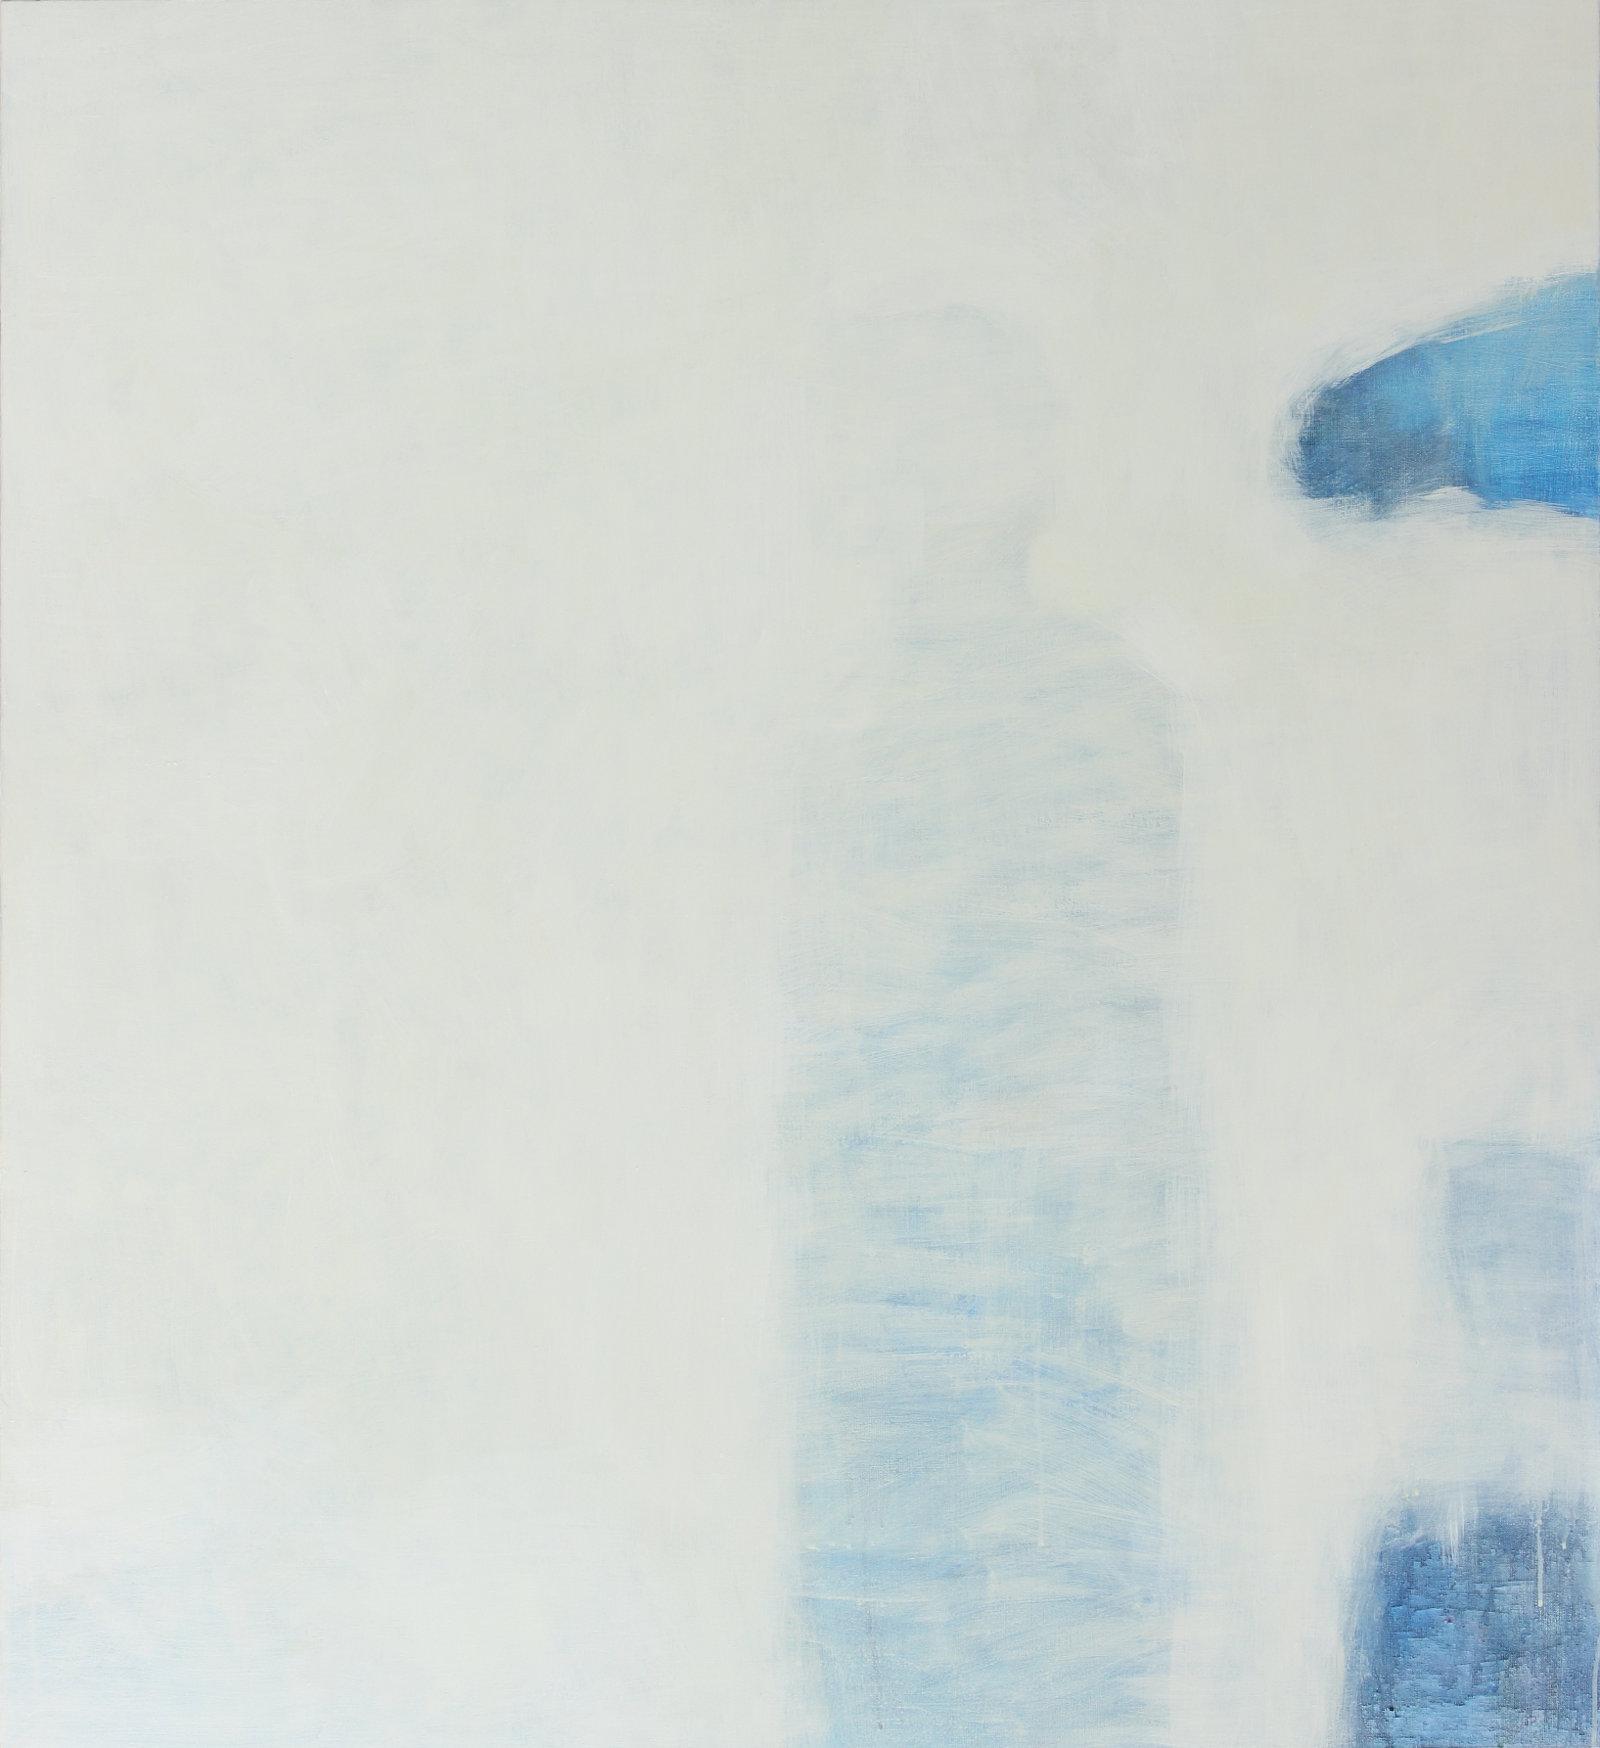 Kyllä niitä päiviä vielä tulee, 2014, tempera, 110 x 100 cm